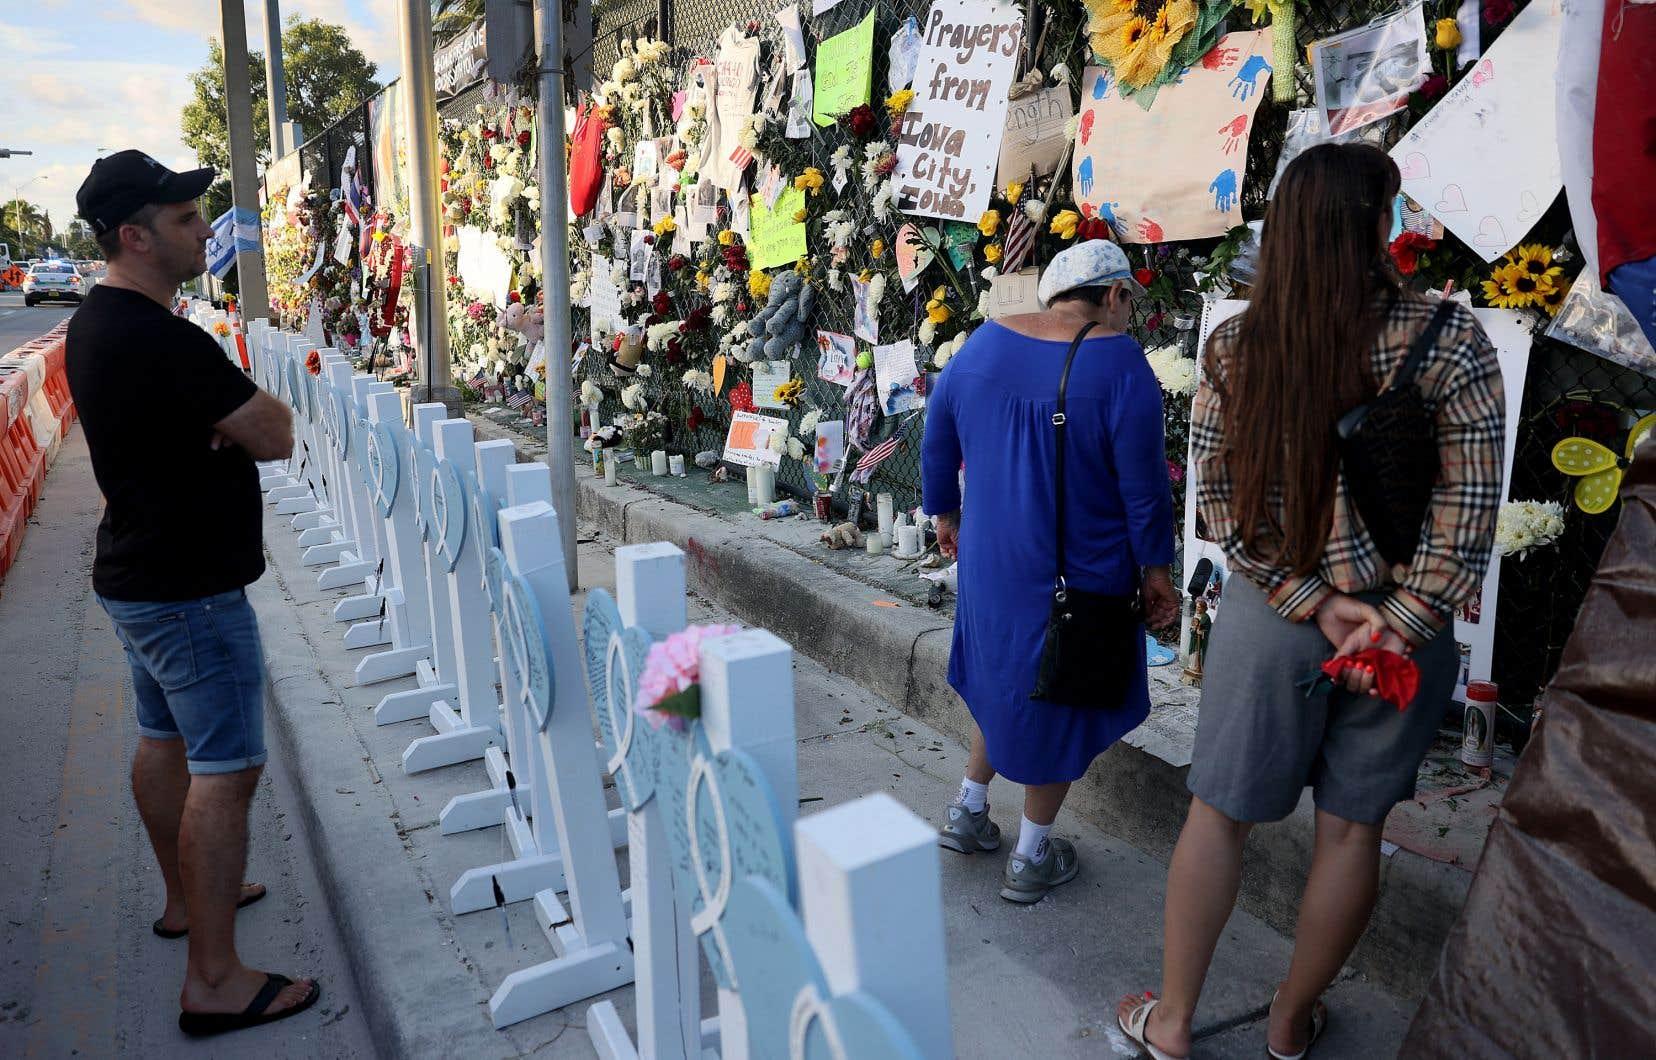 Les autorités locales ont déclaré qu'au moins 97 personnes avaient perdu la vie dans l'effondrement. Près du site de la catastrophe, des croix en bois ont été érigées en l'honneur des défunts.